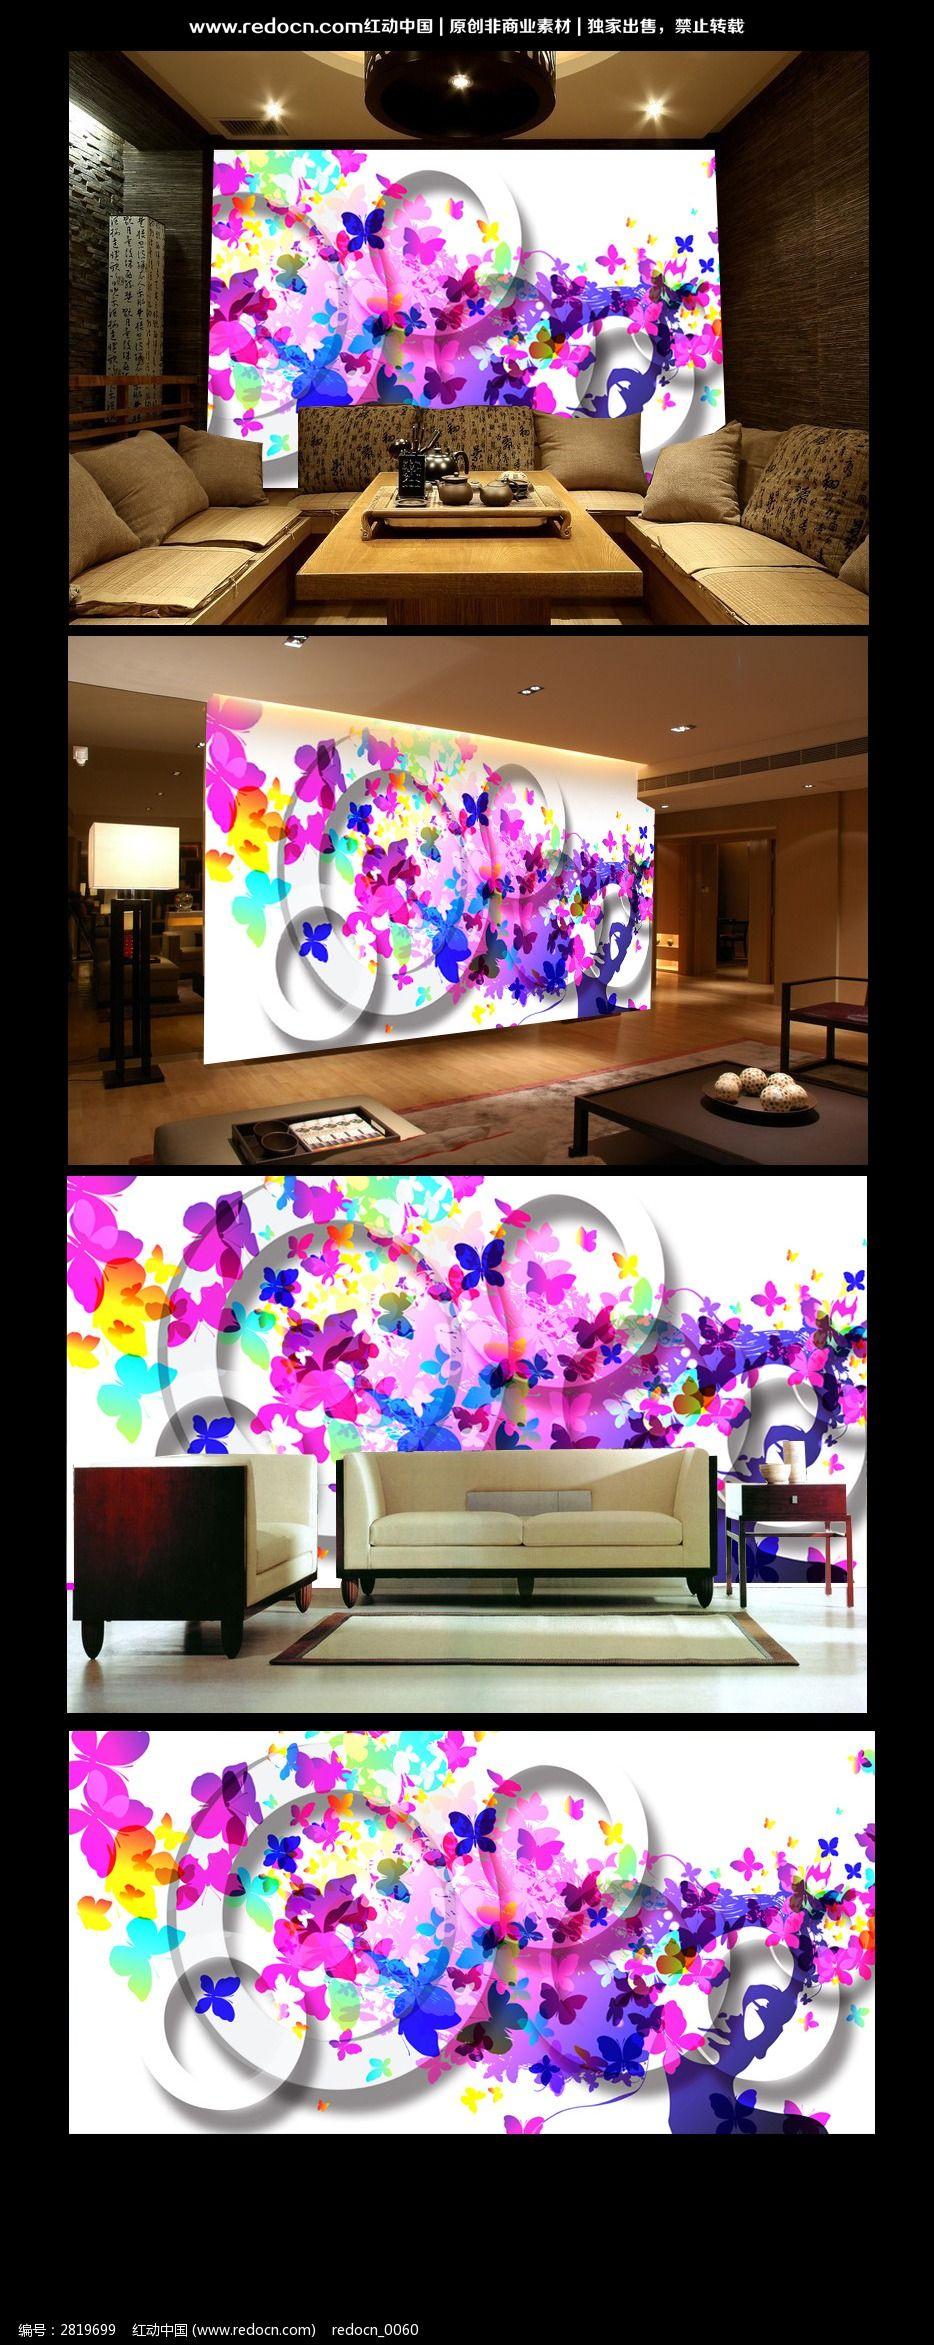 绚丽五彩蝴蝶客厅背景墙图片